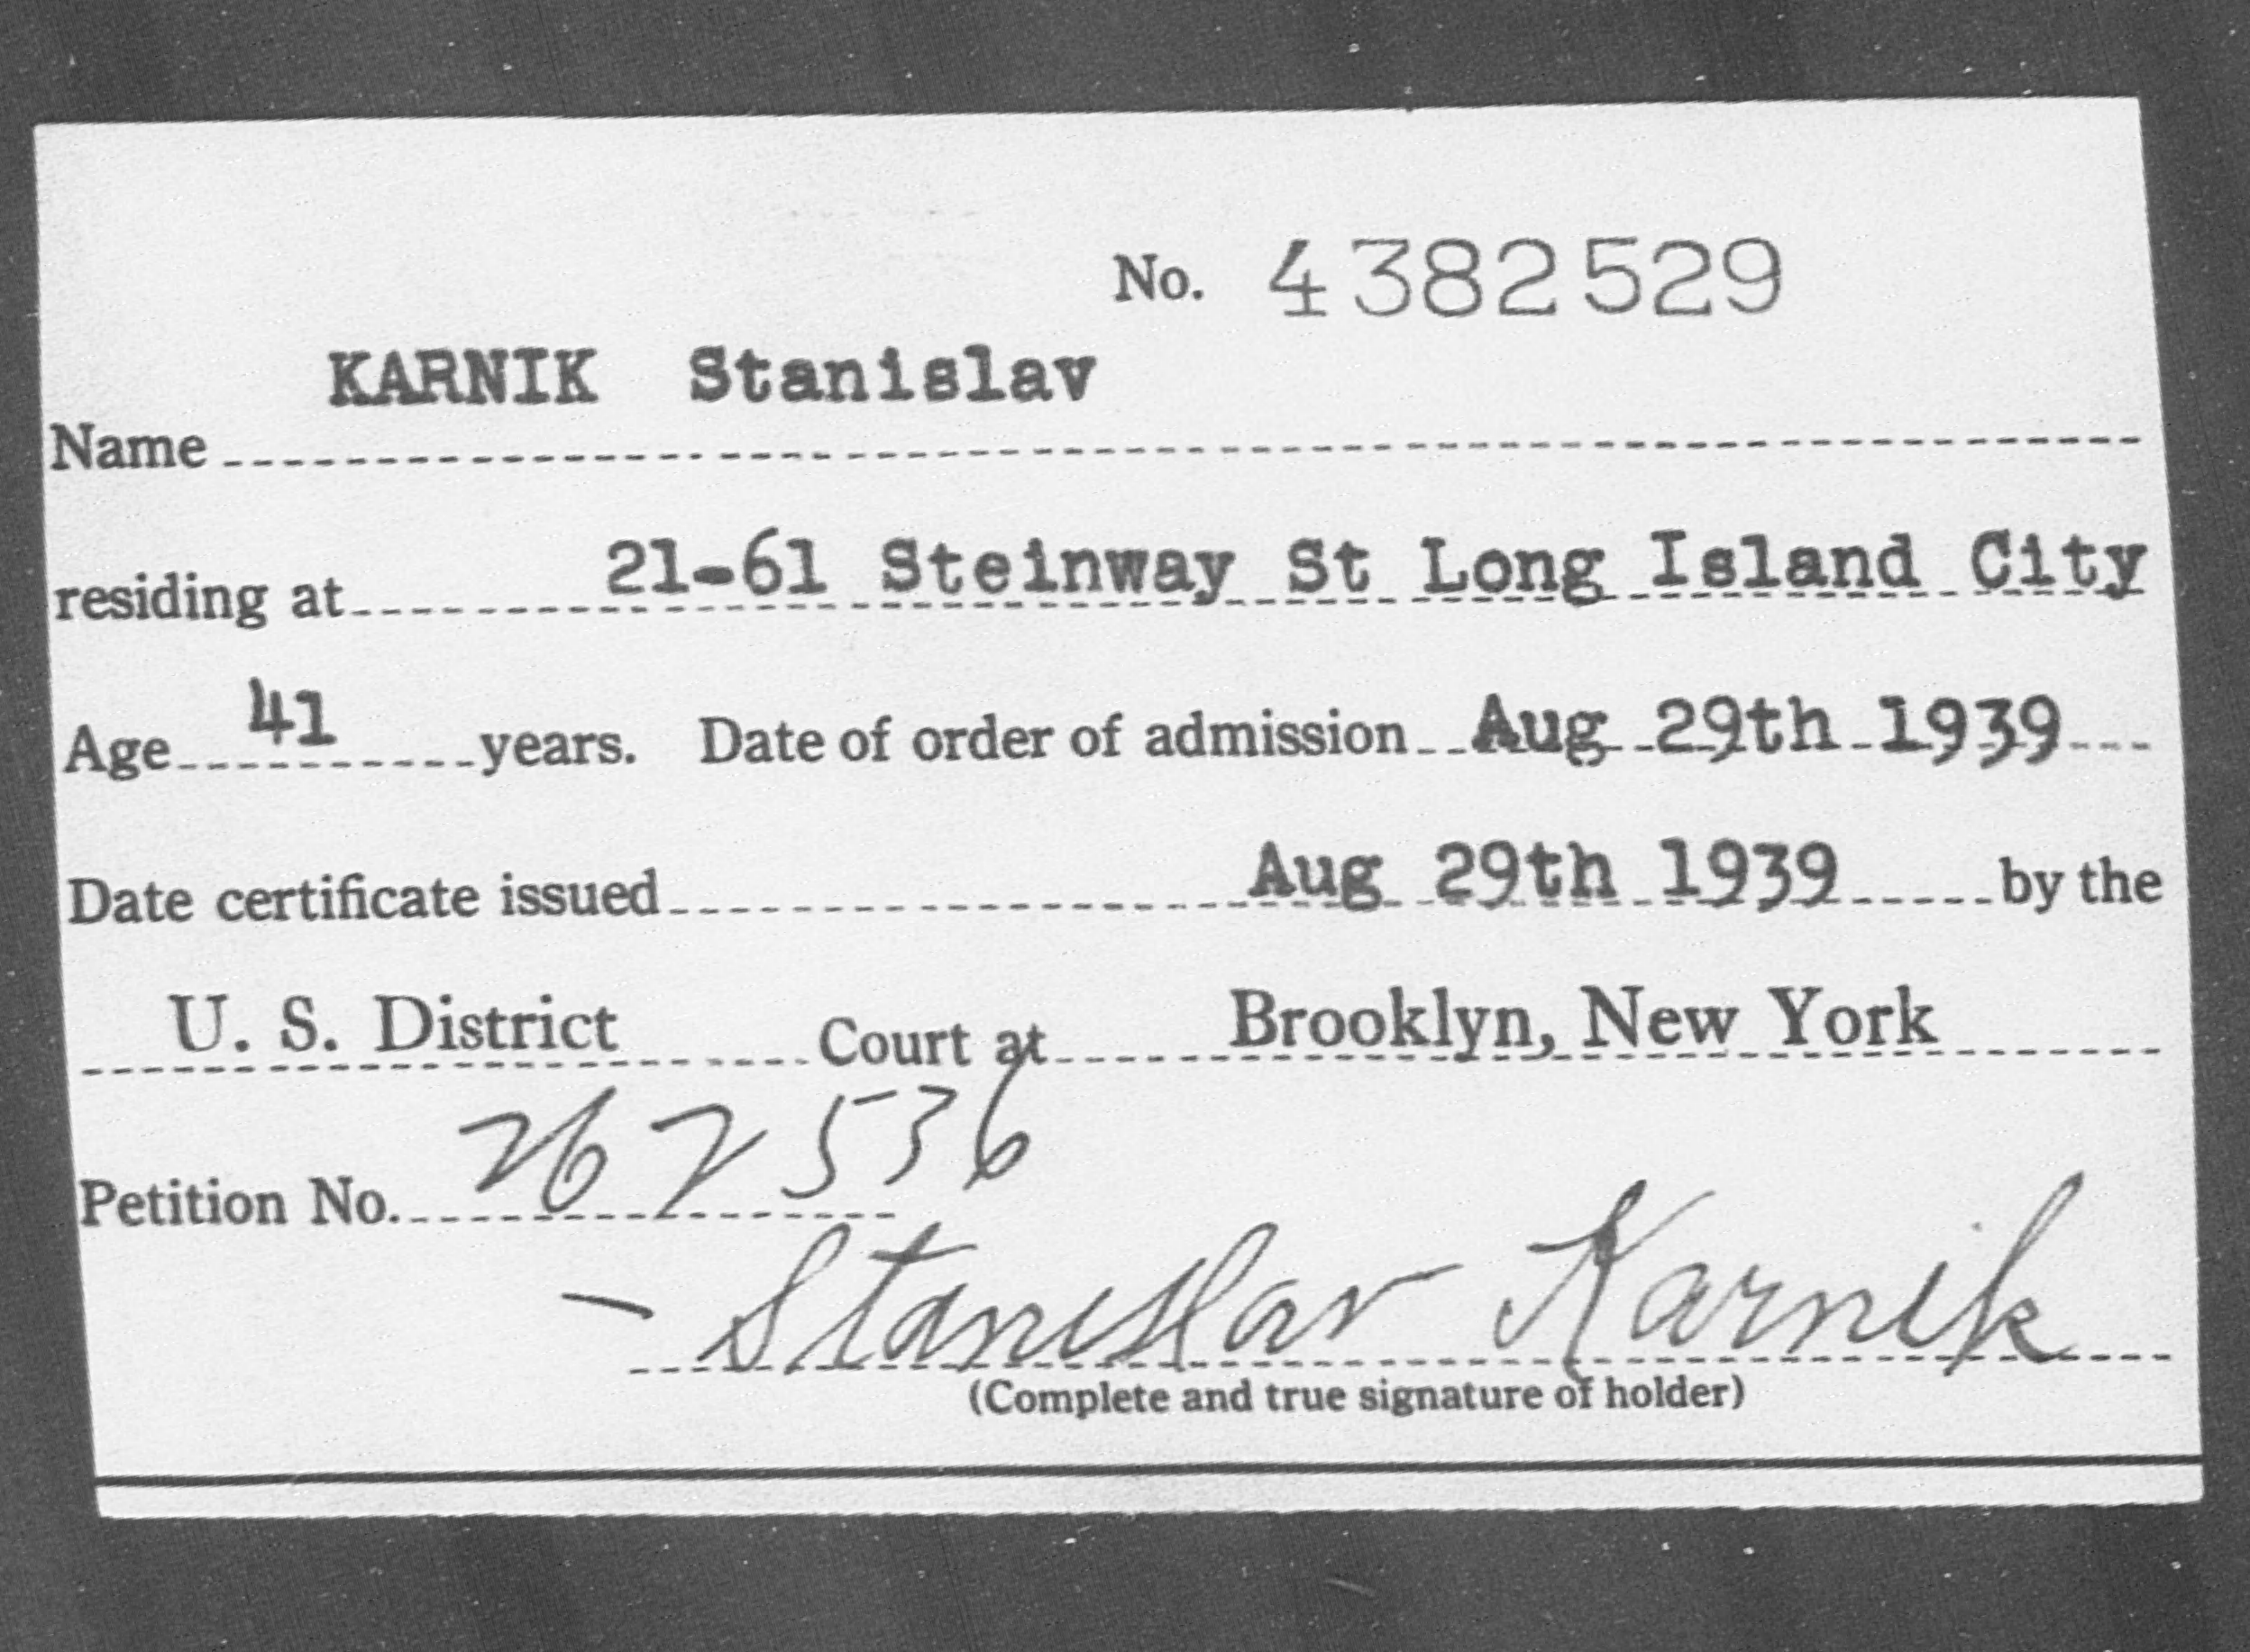 KARNIK Stanislav - Born: [BLANK], Naturalized: 1939